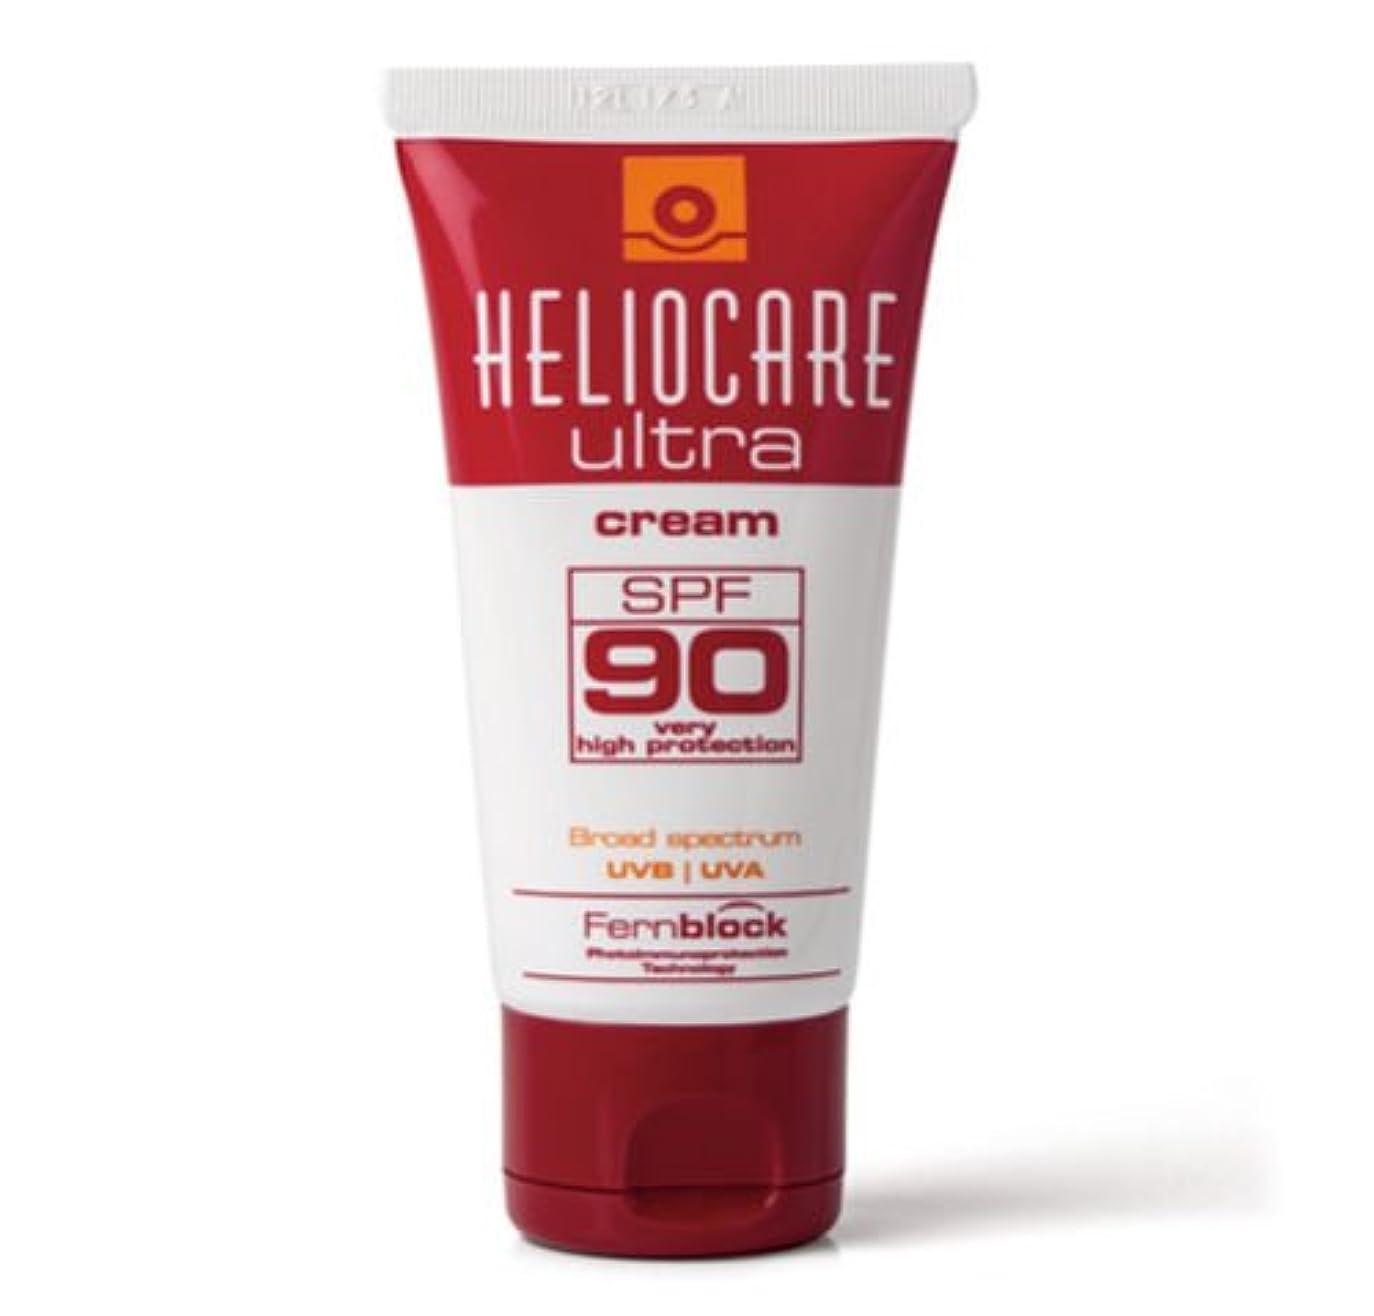 パフリーダーシップ心からヘリオケア ウルトラ 日焼け止めクリーム SPF 90 Heliocare Ultra 90 Crema [並行輸入品]